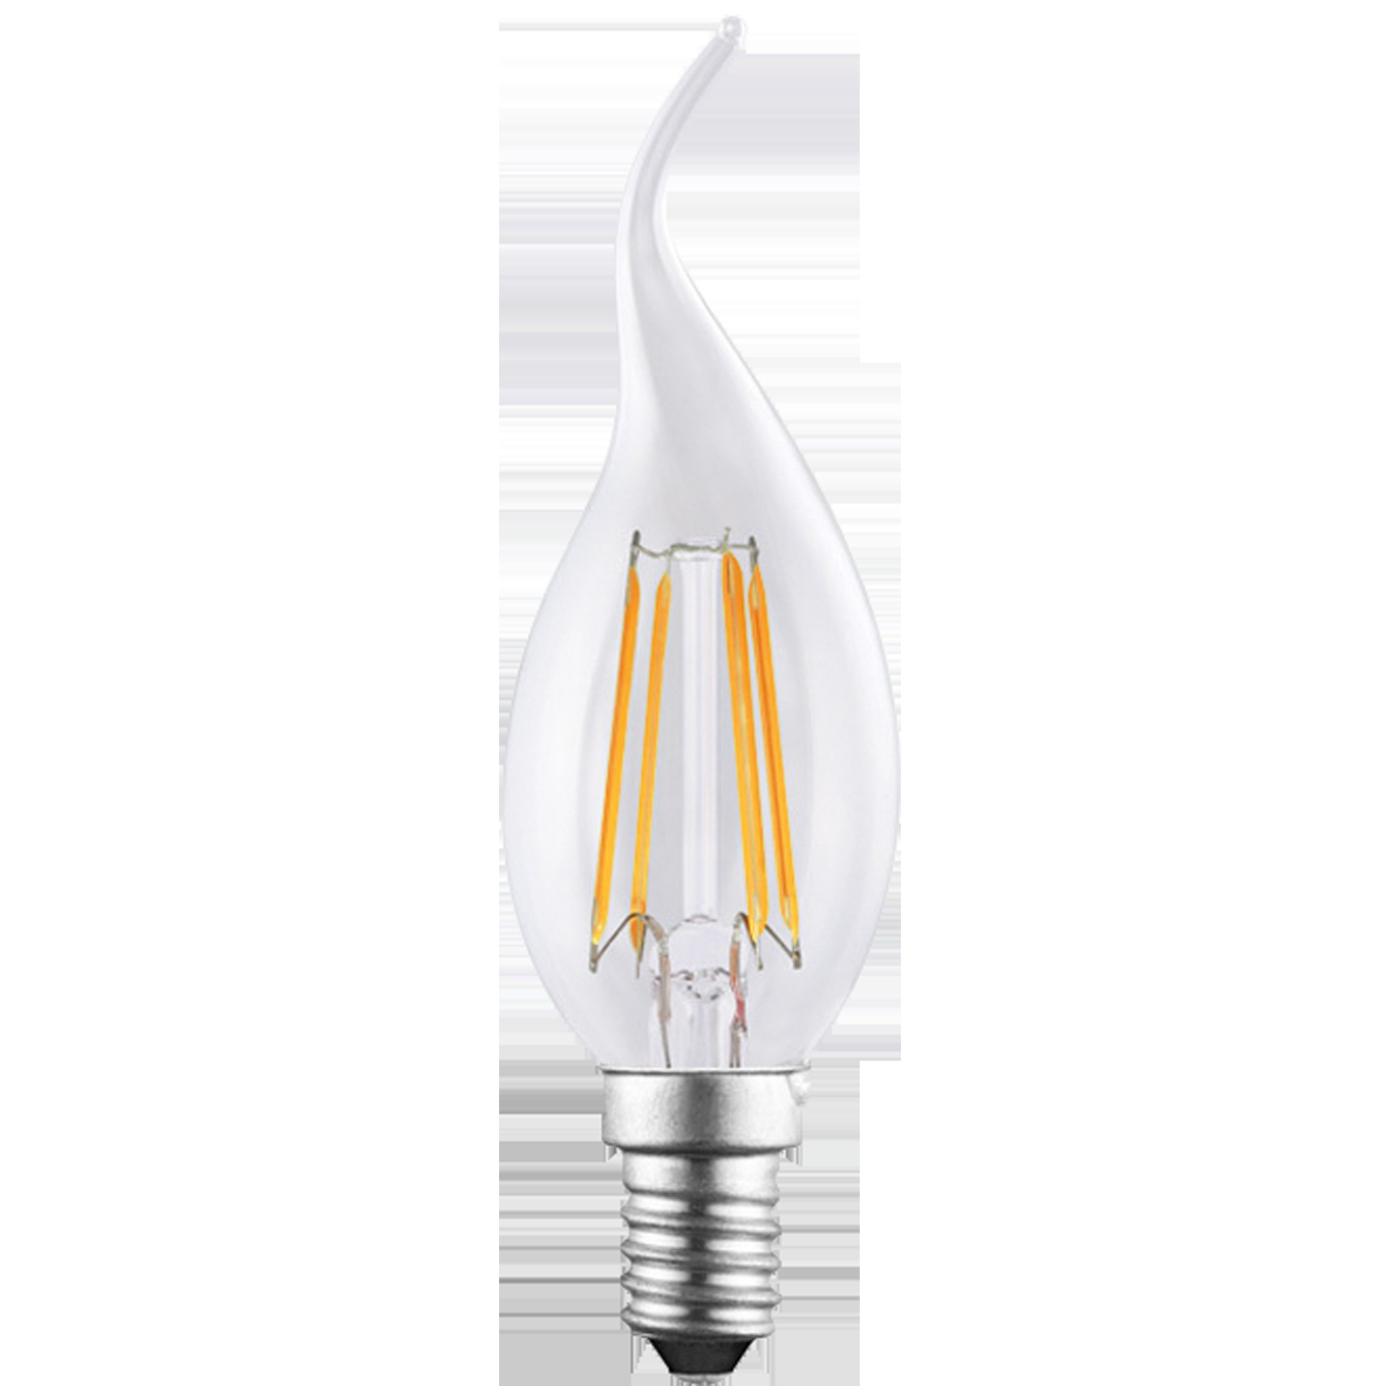 MKC - LED FIAMMA E14/4W